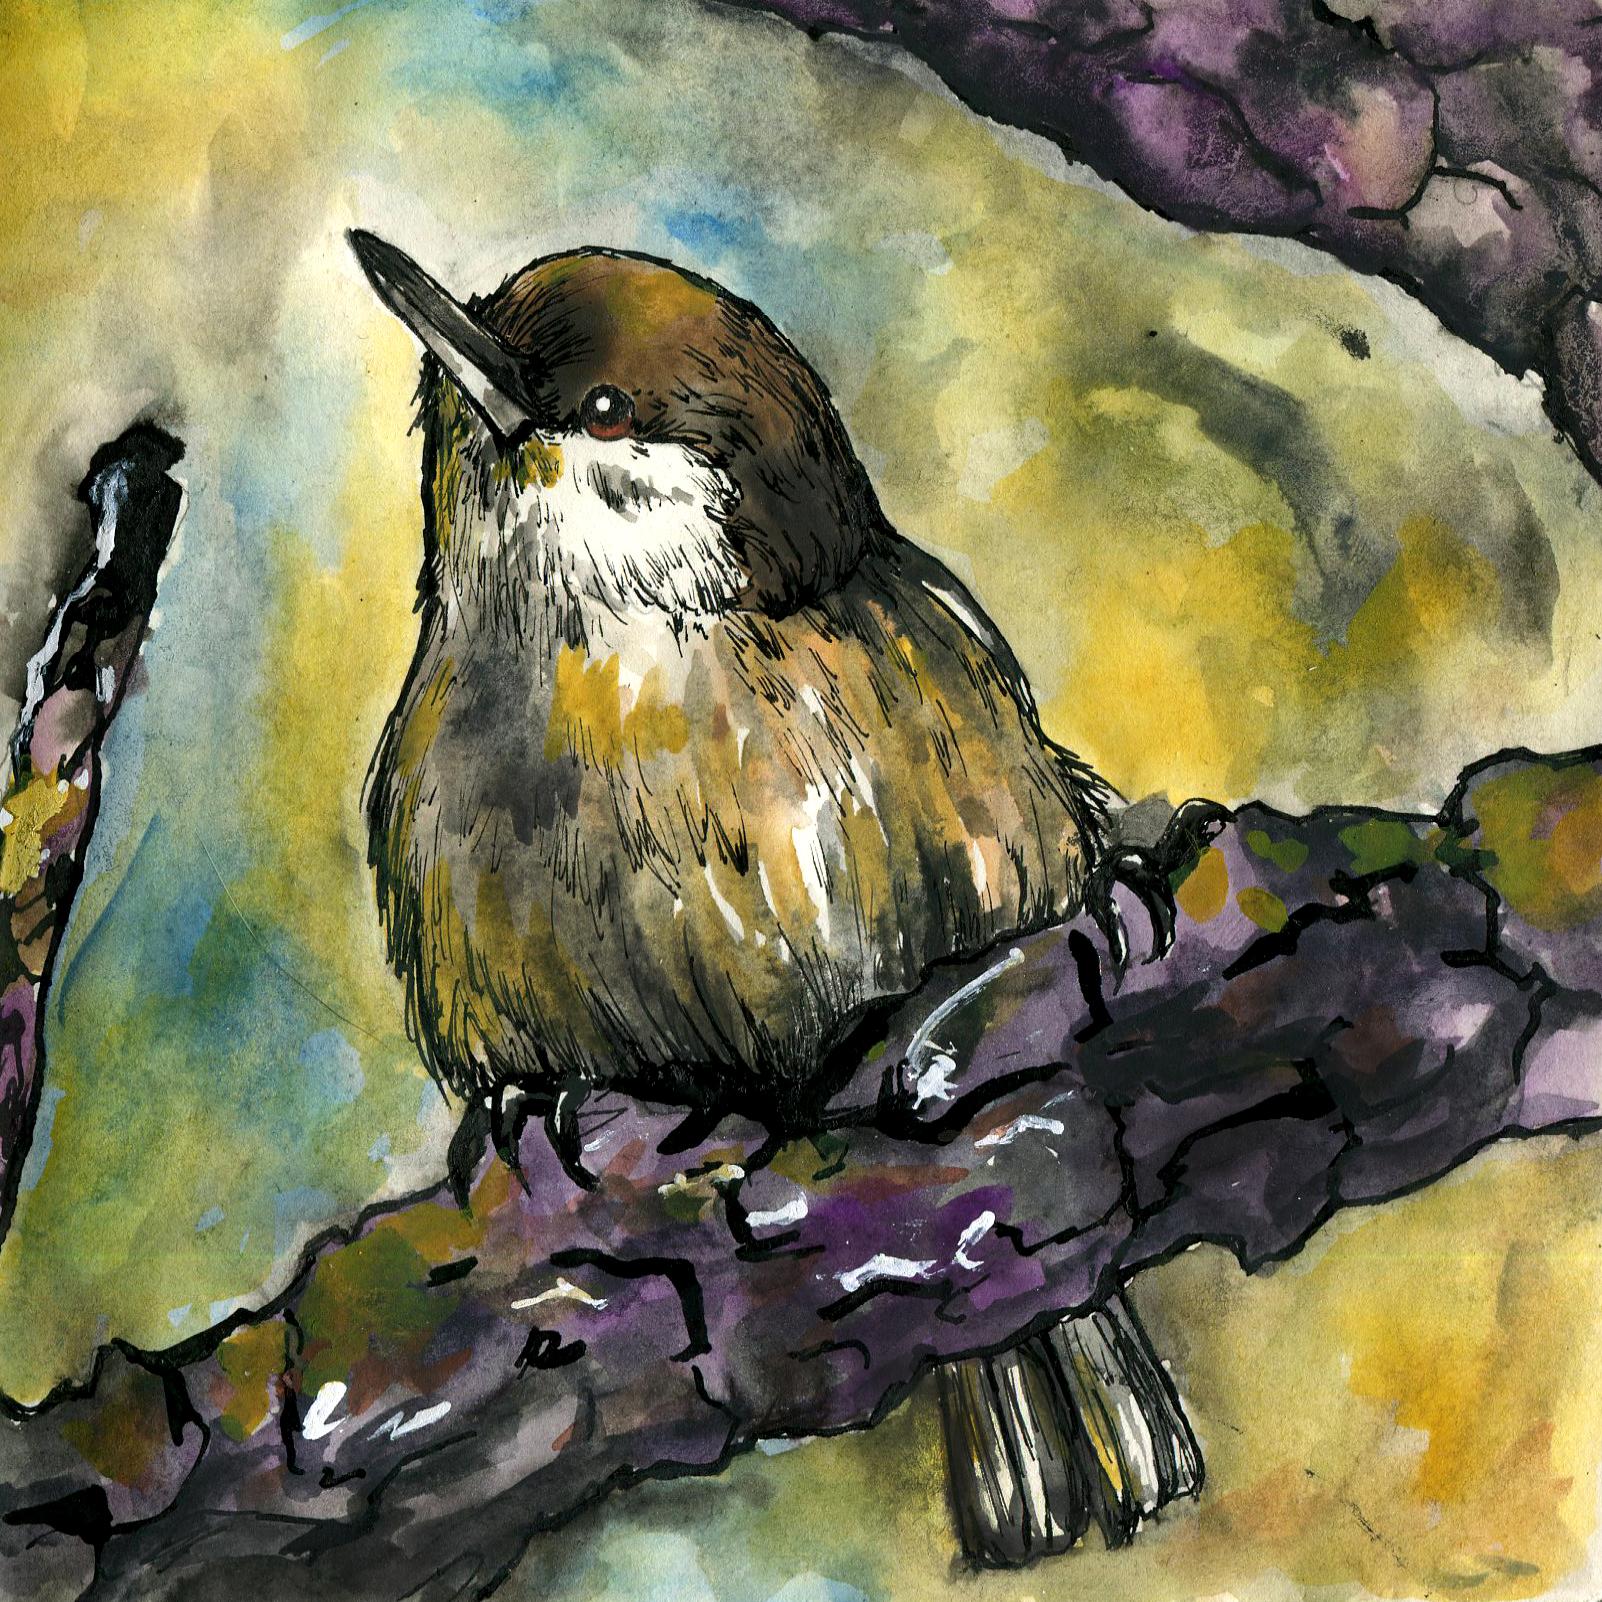 298. Pygmy Nuthatch